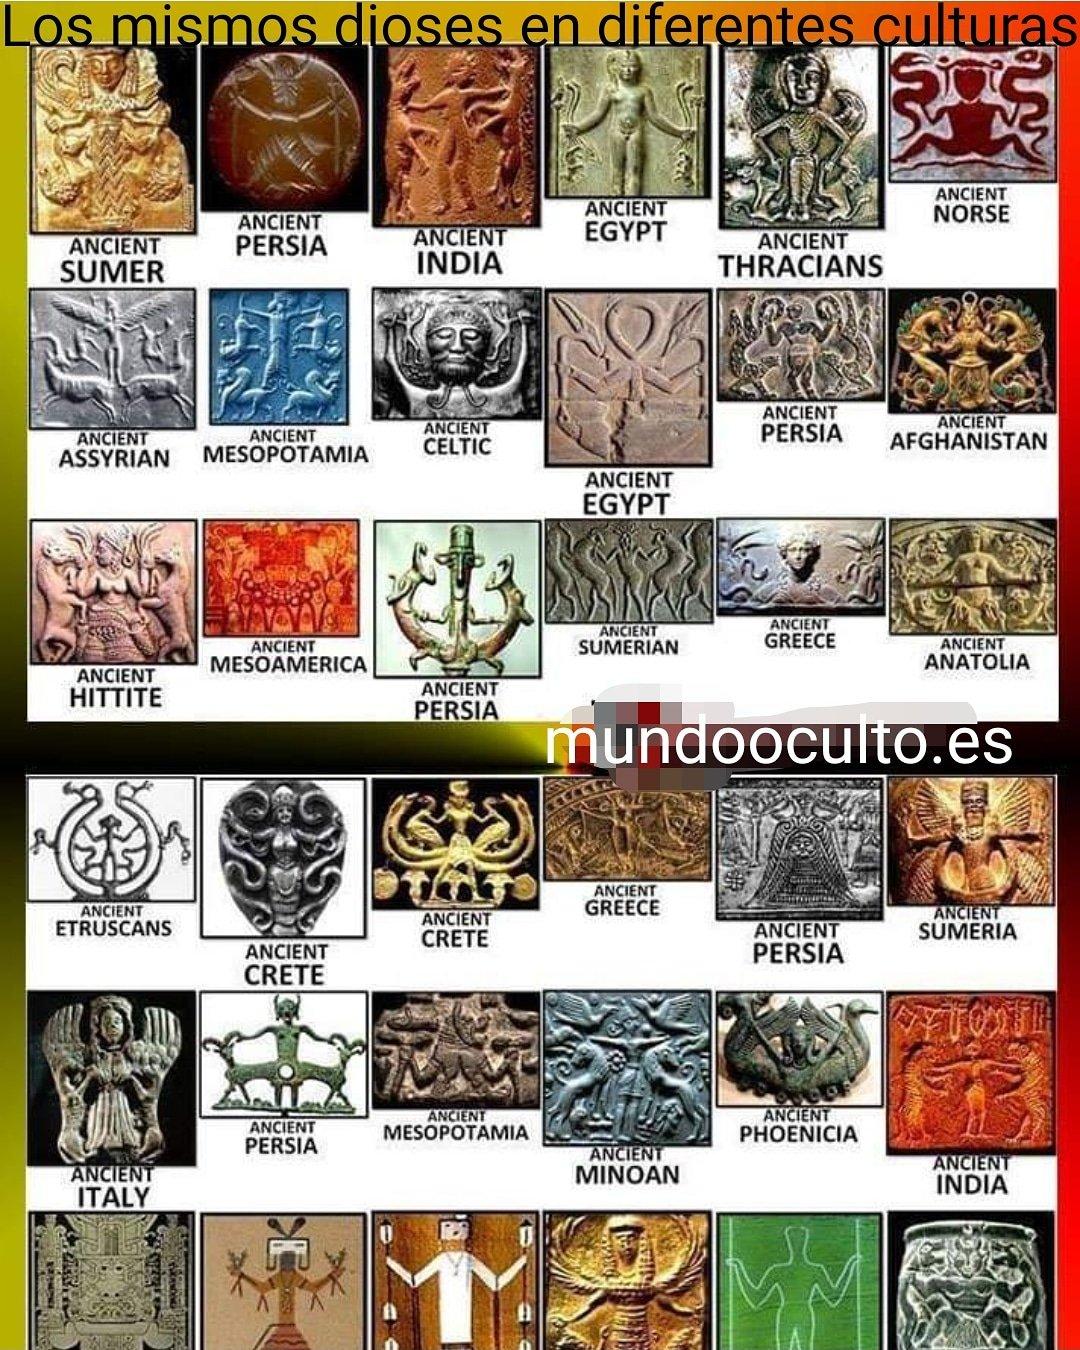 Los mismos dioses en diferentes culturas